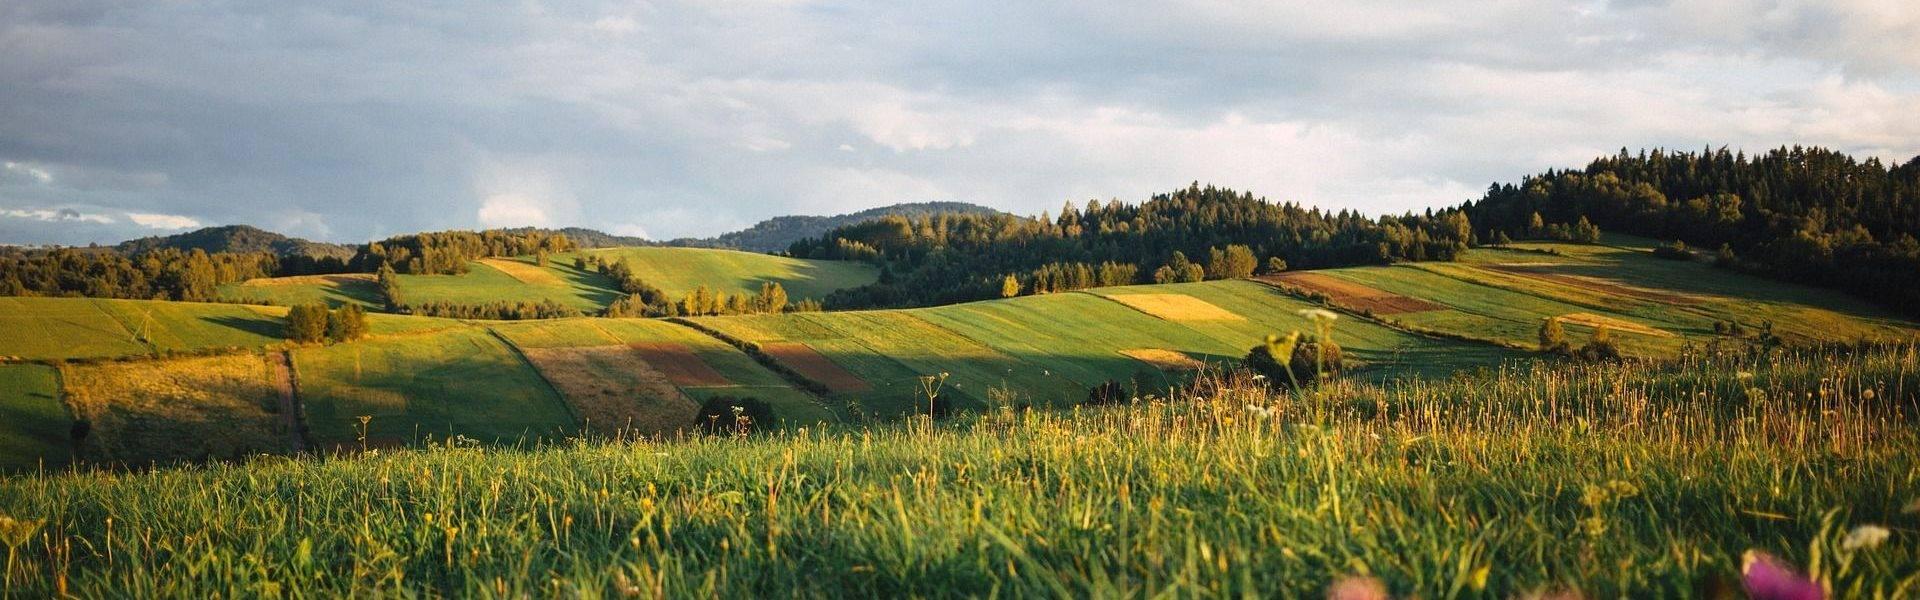 Pola w Bieszczadach